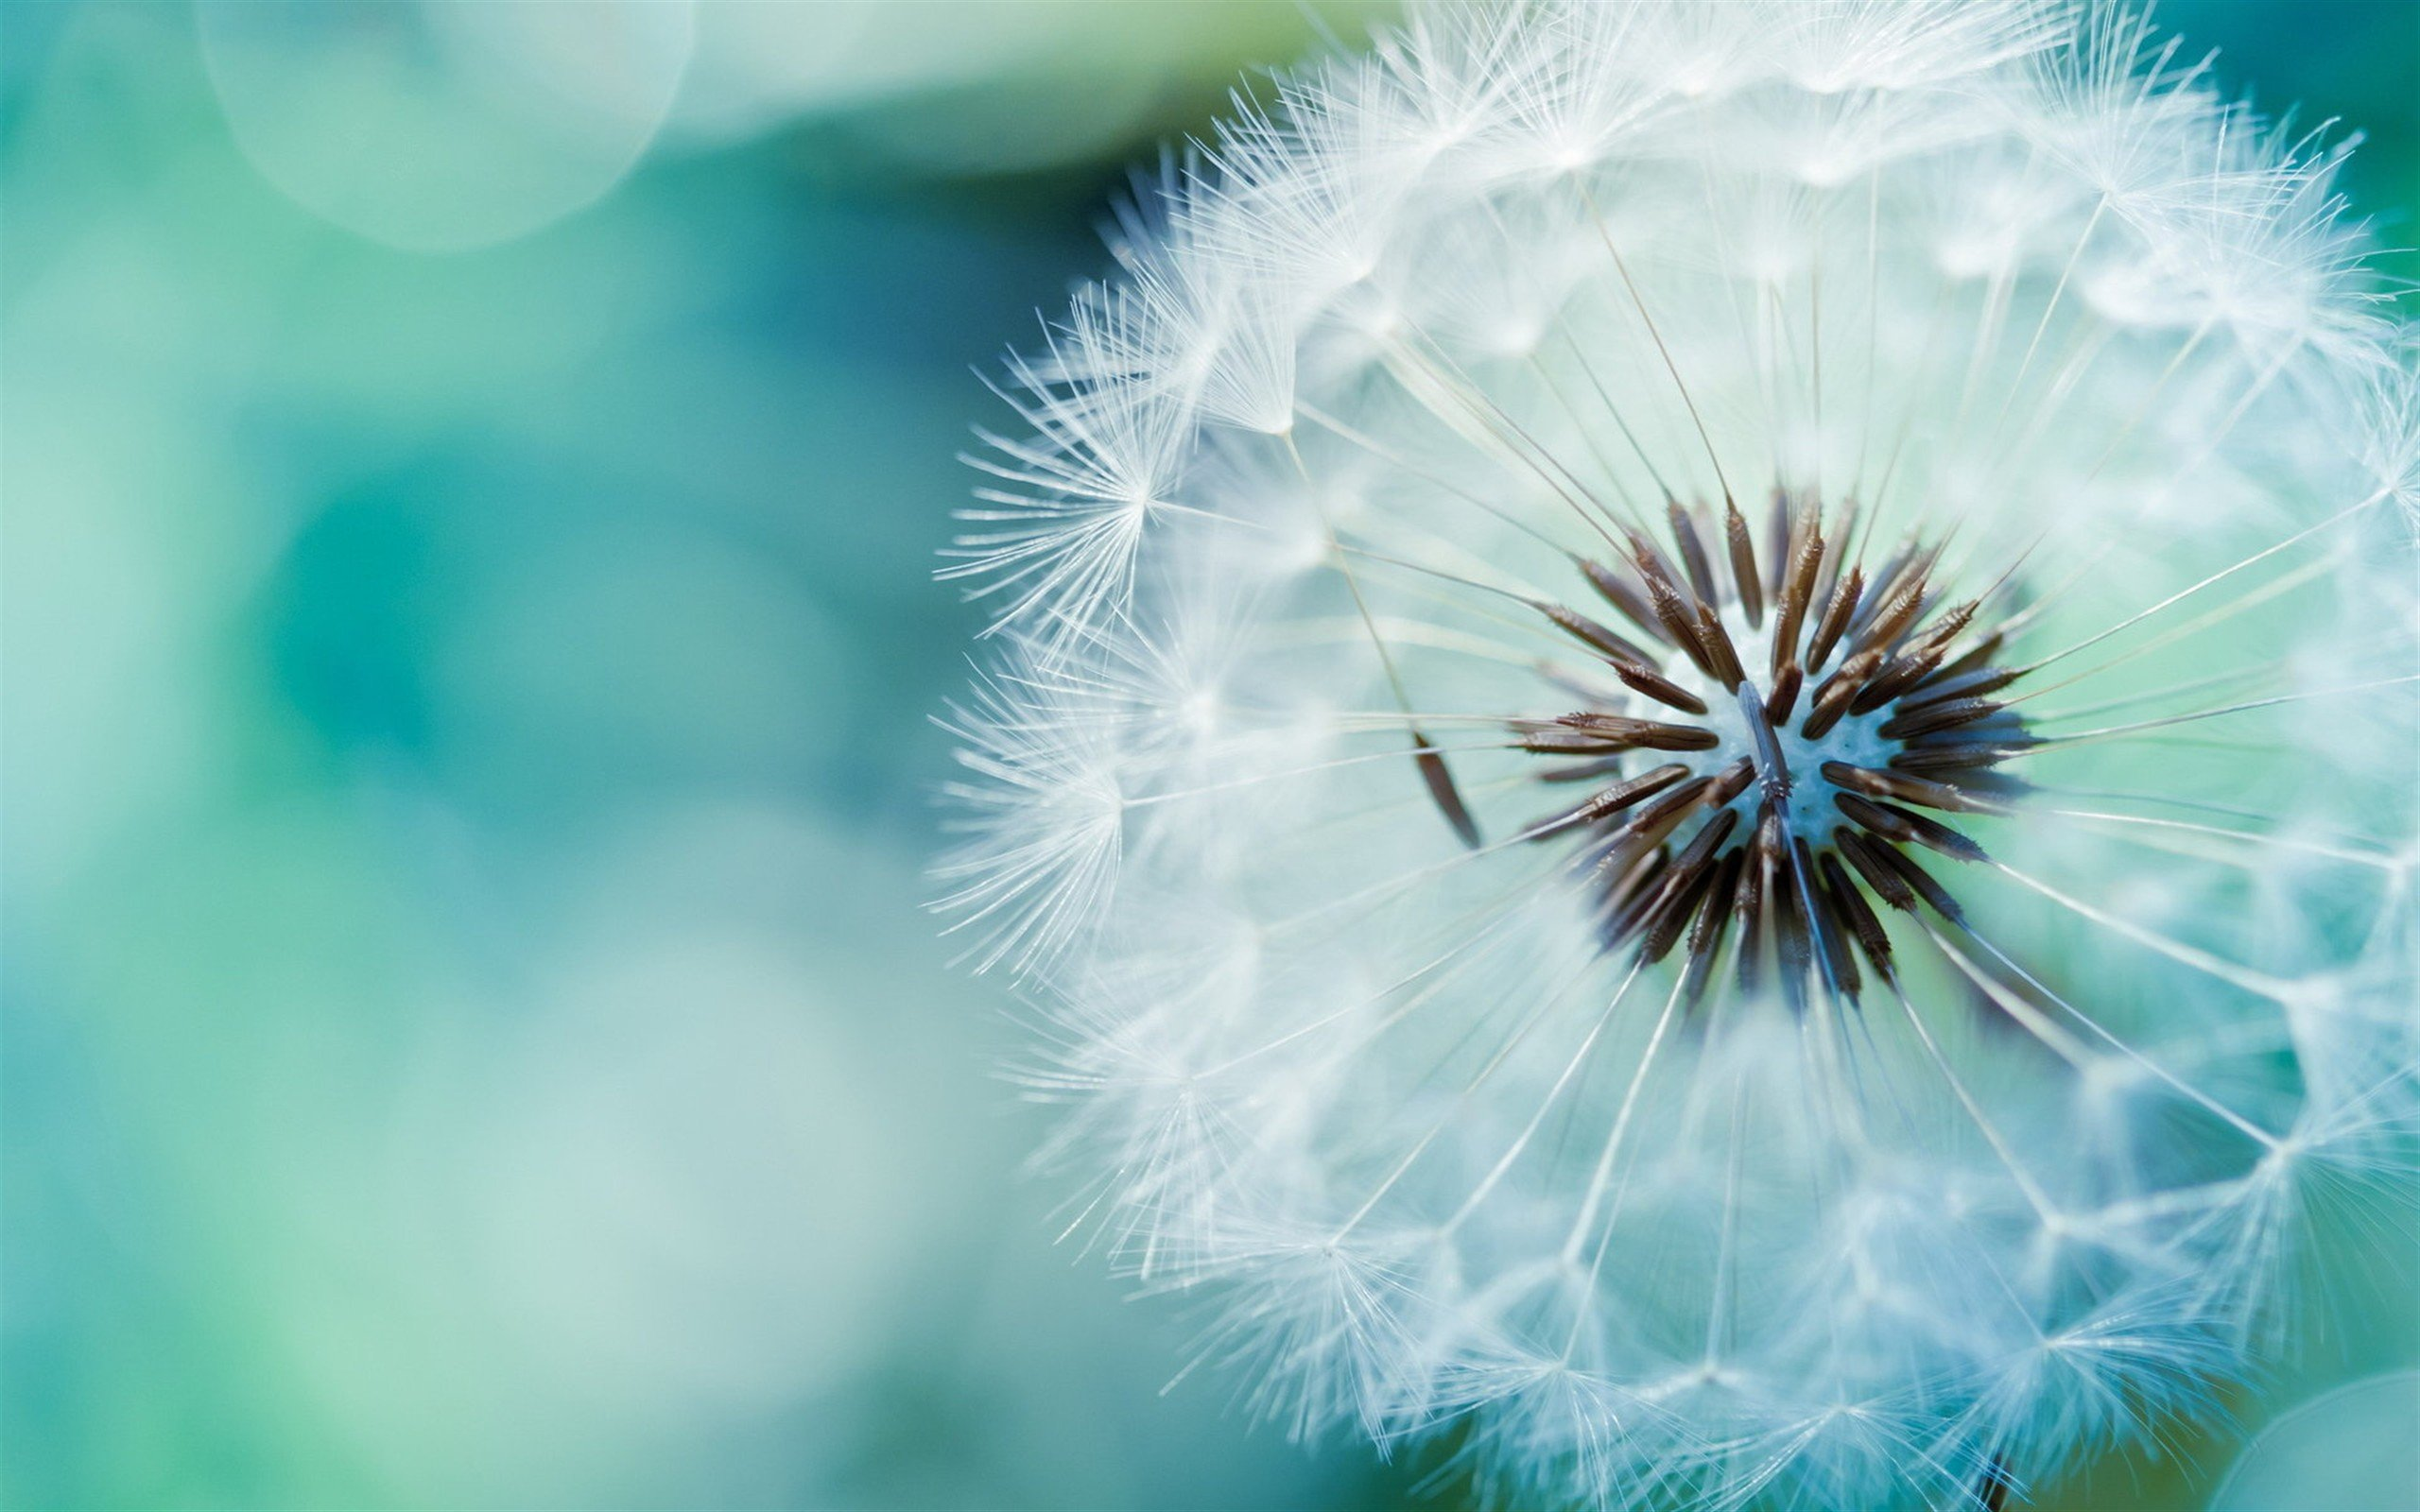 The World Most Beautiful Flower Dandelion HD Wallpaper